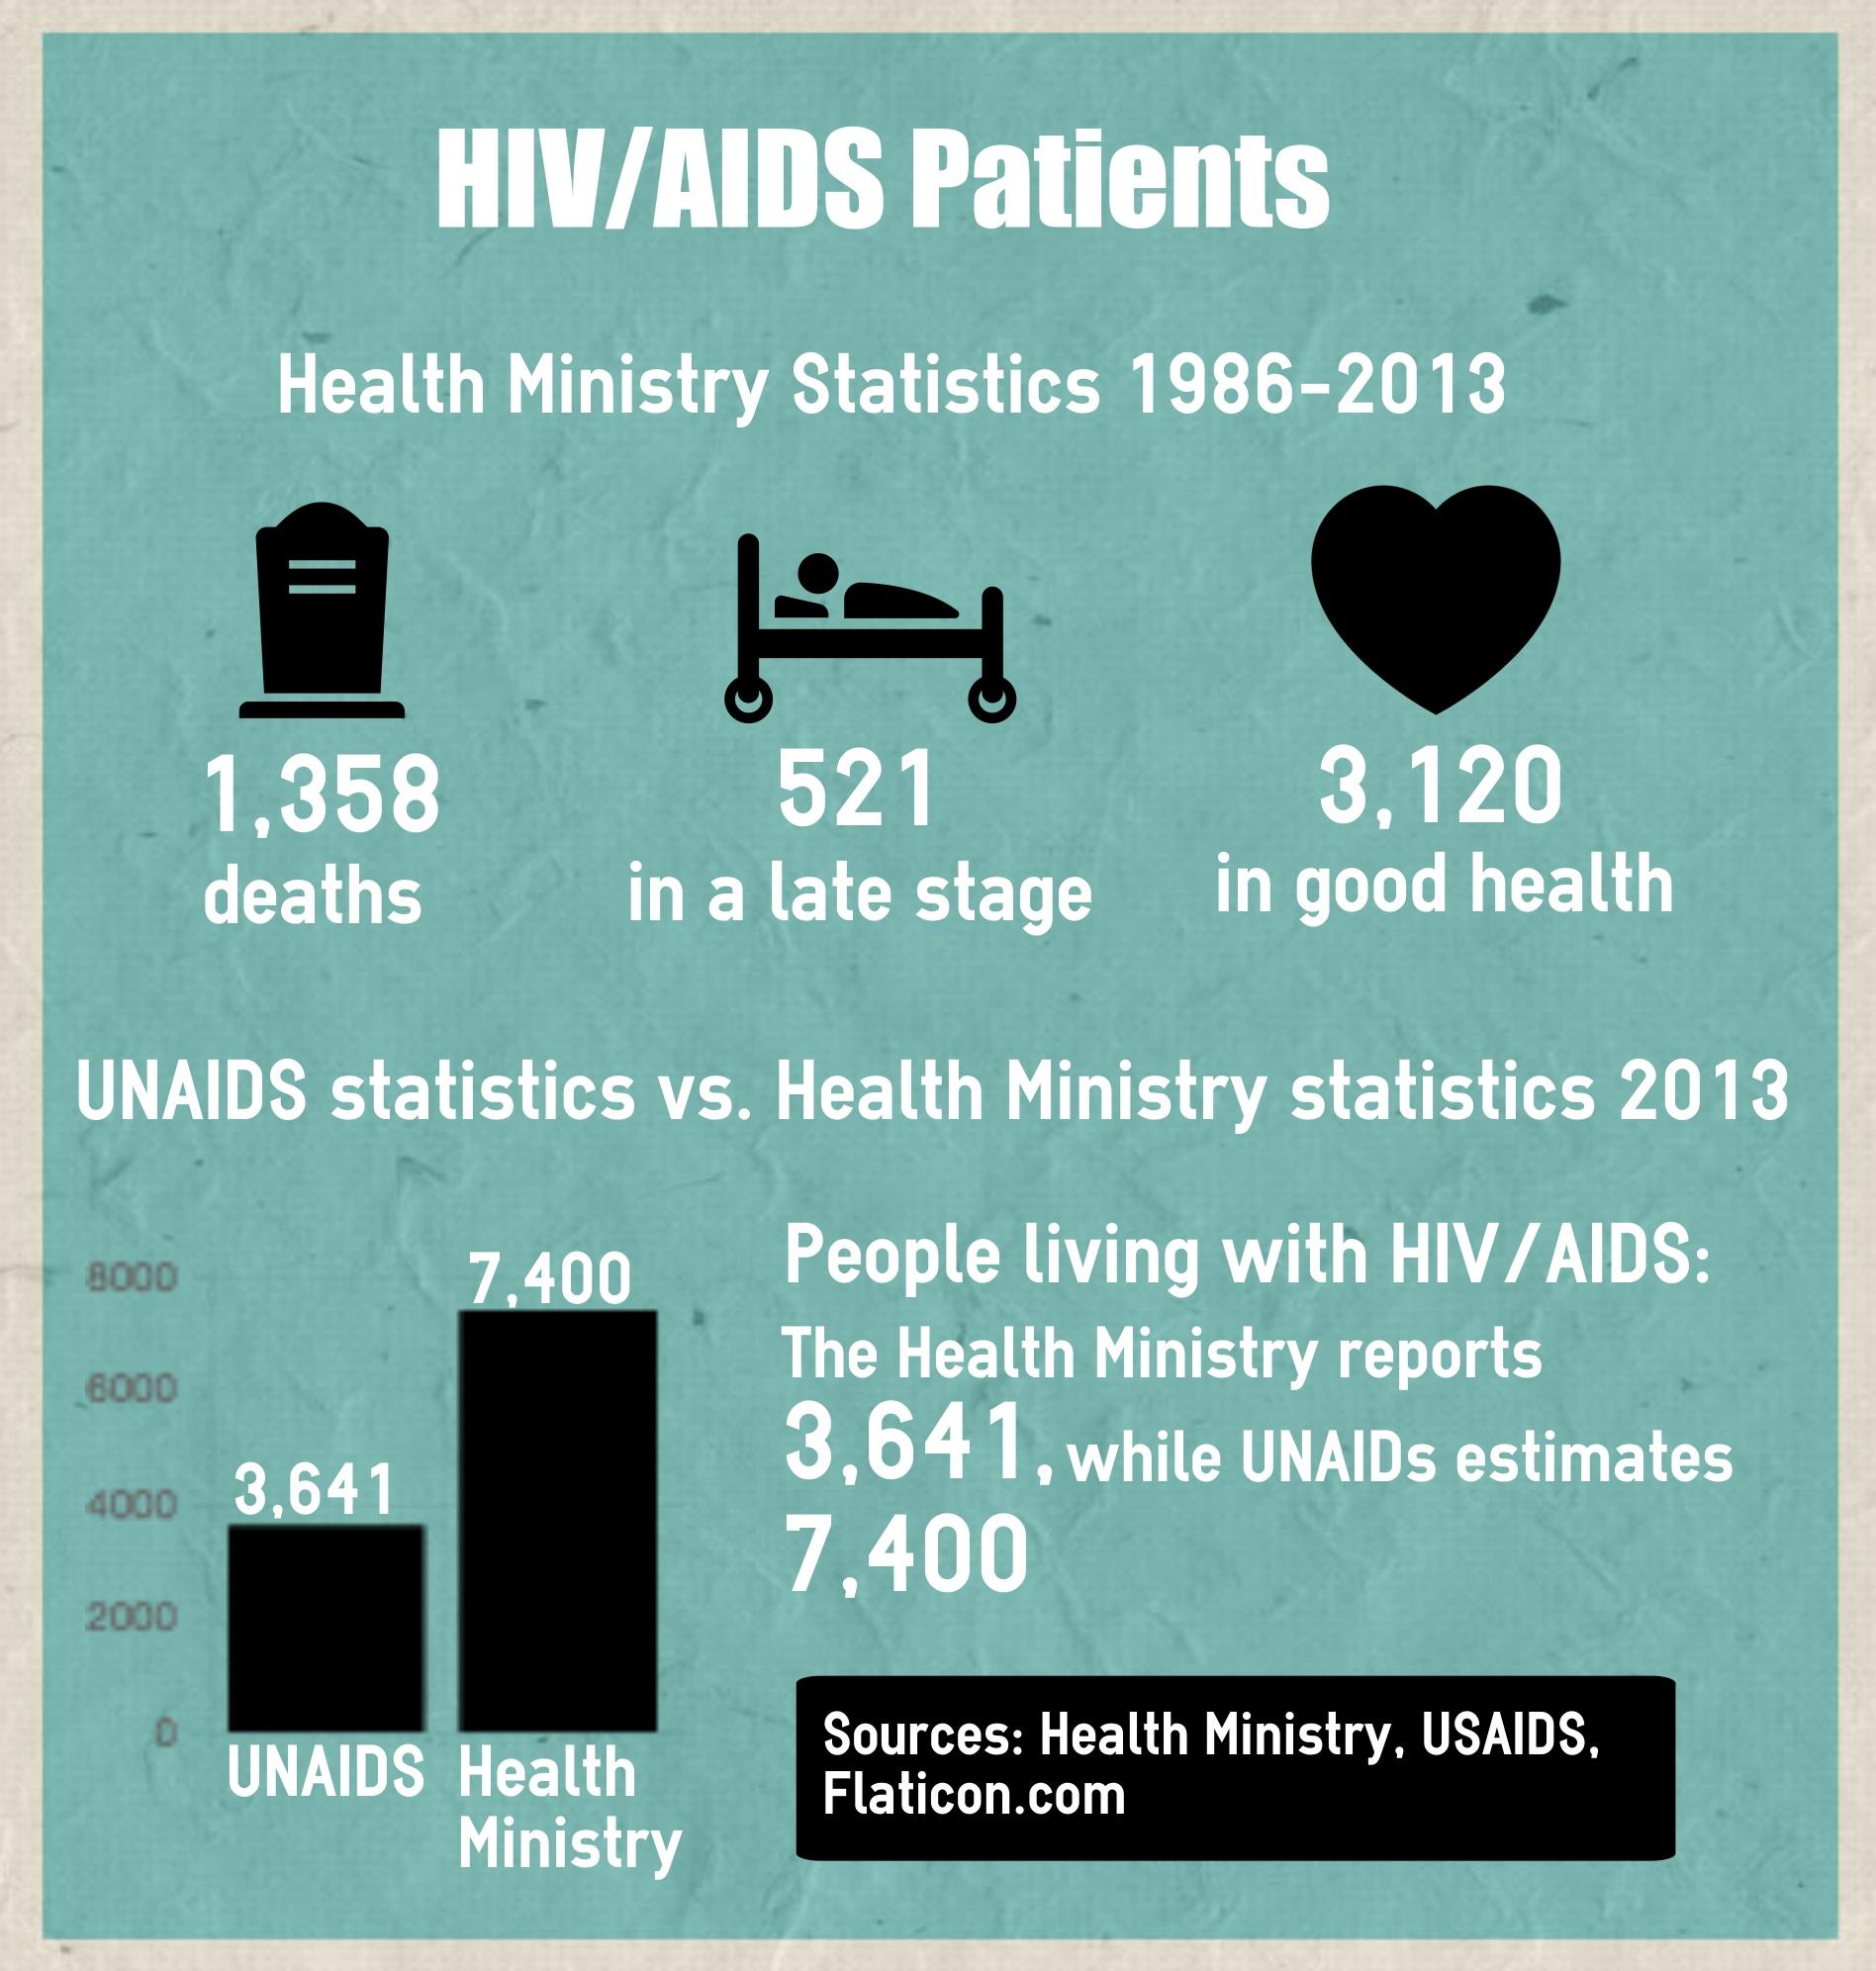 HIV/AIDS patients